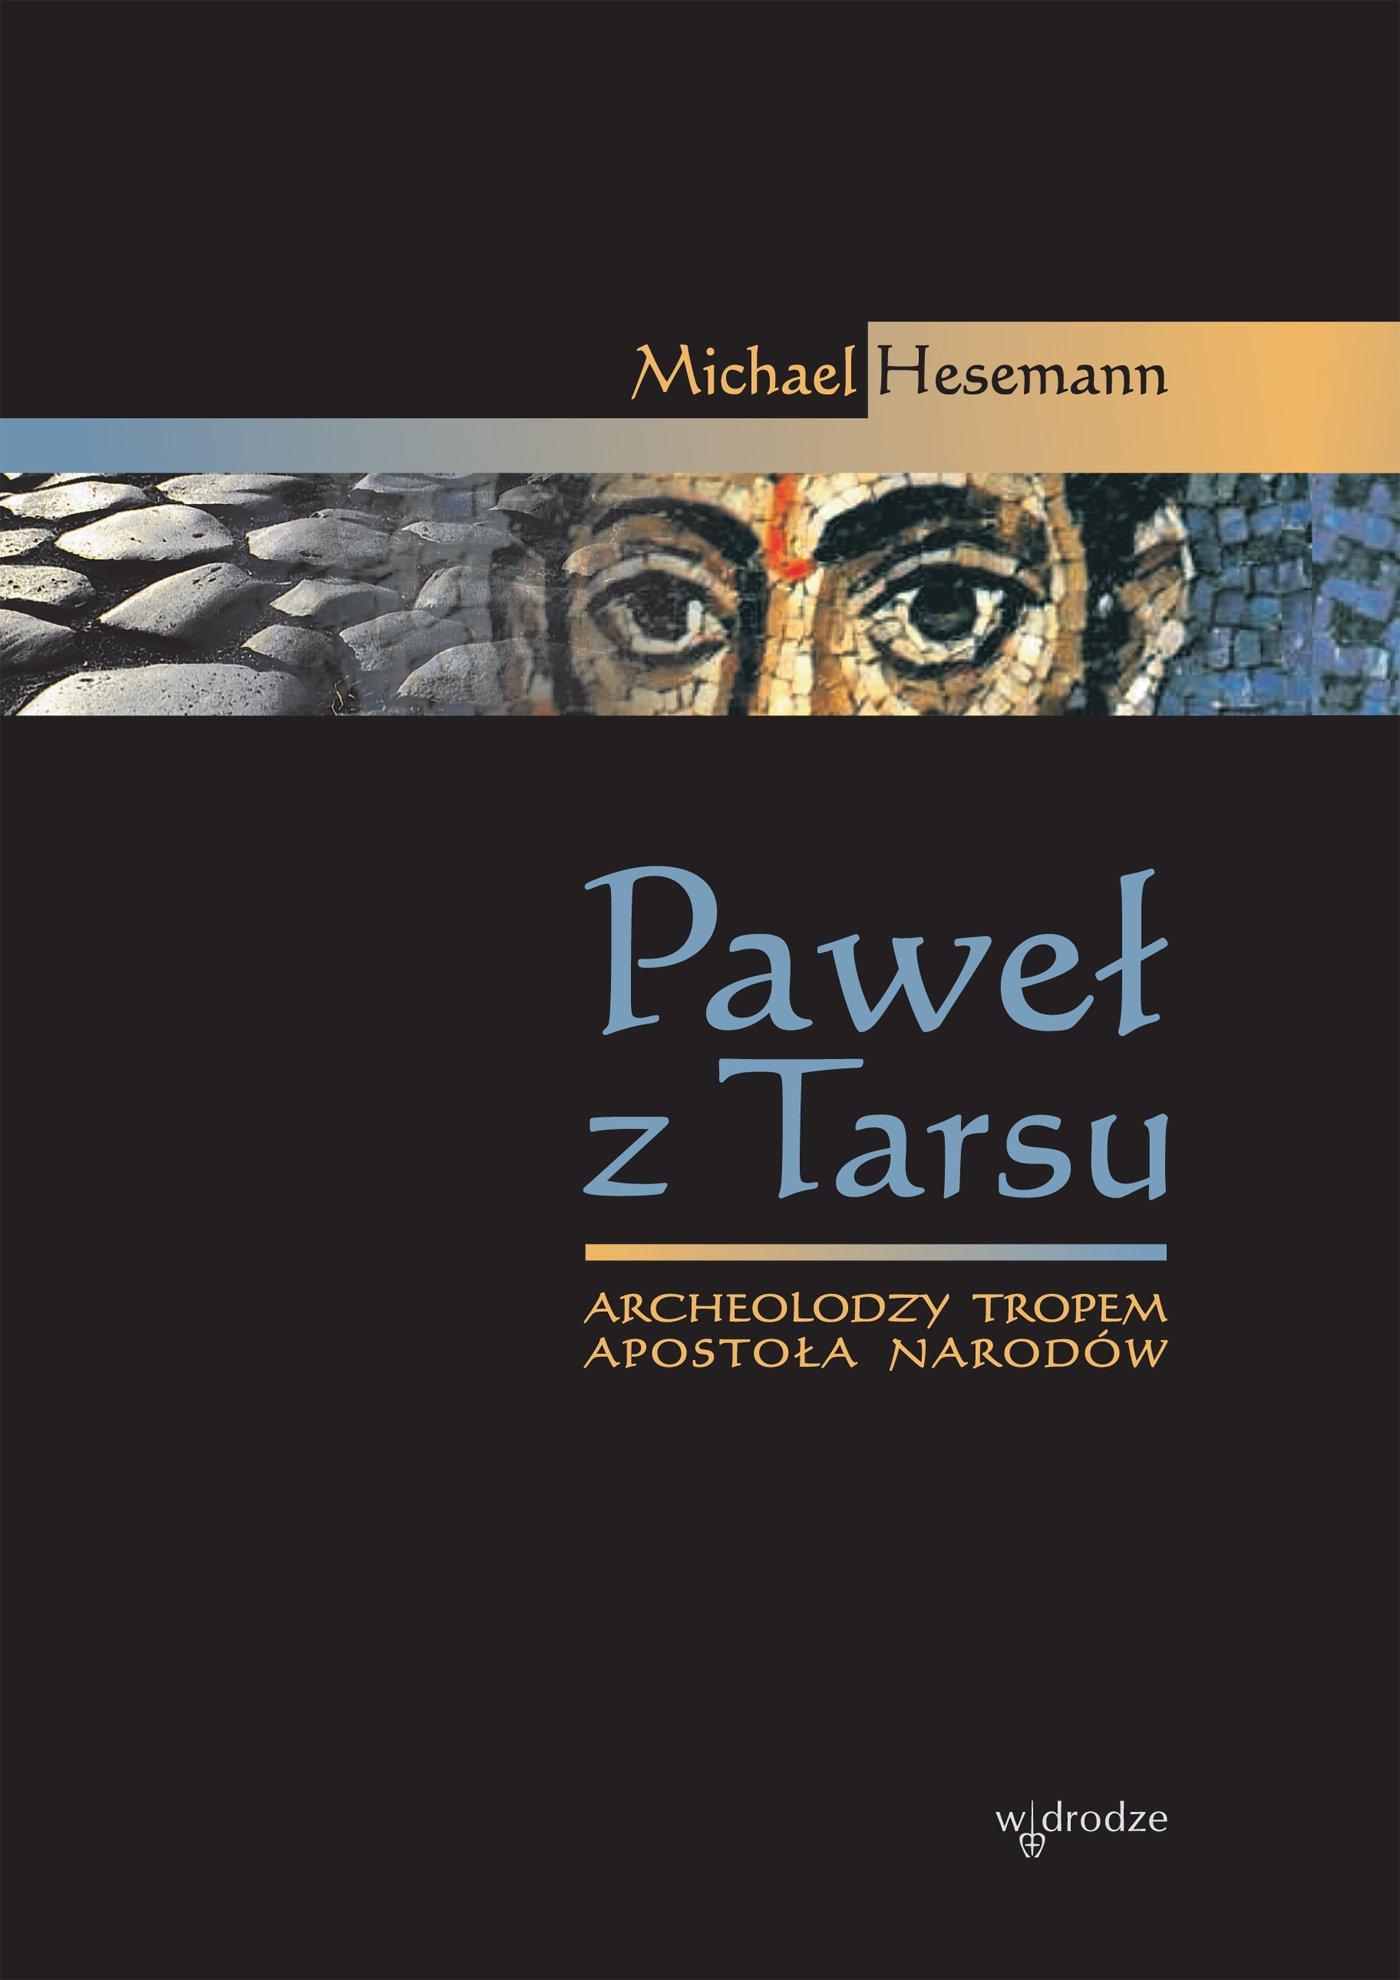 Paweł z Tarsu. Archeolodzy tropem Apostoła Narodów - Ebook (Książka EPUB) do pobrania w formacie EPUB